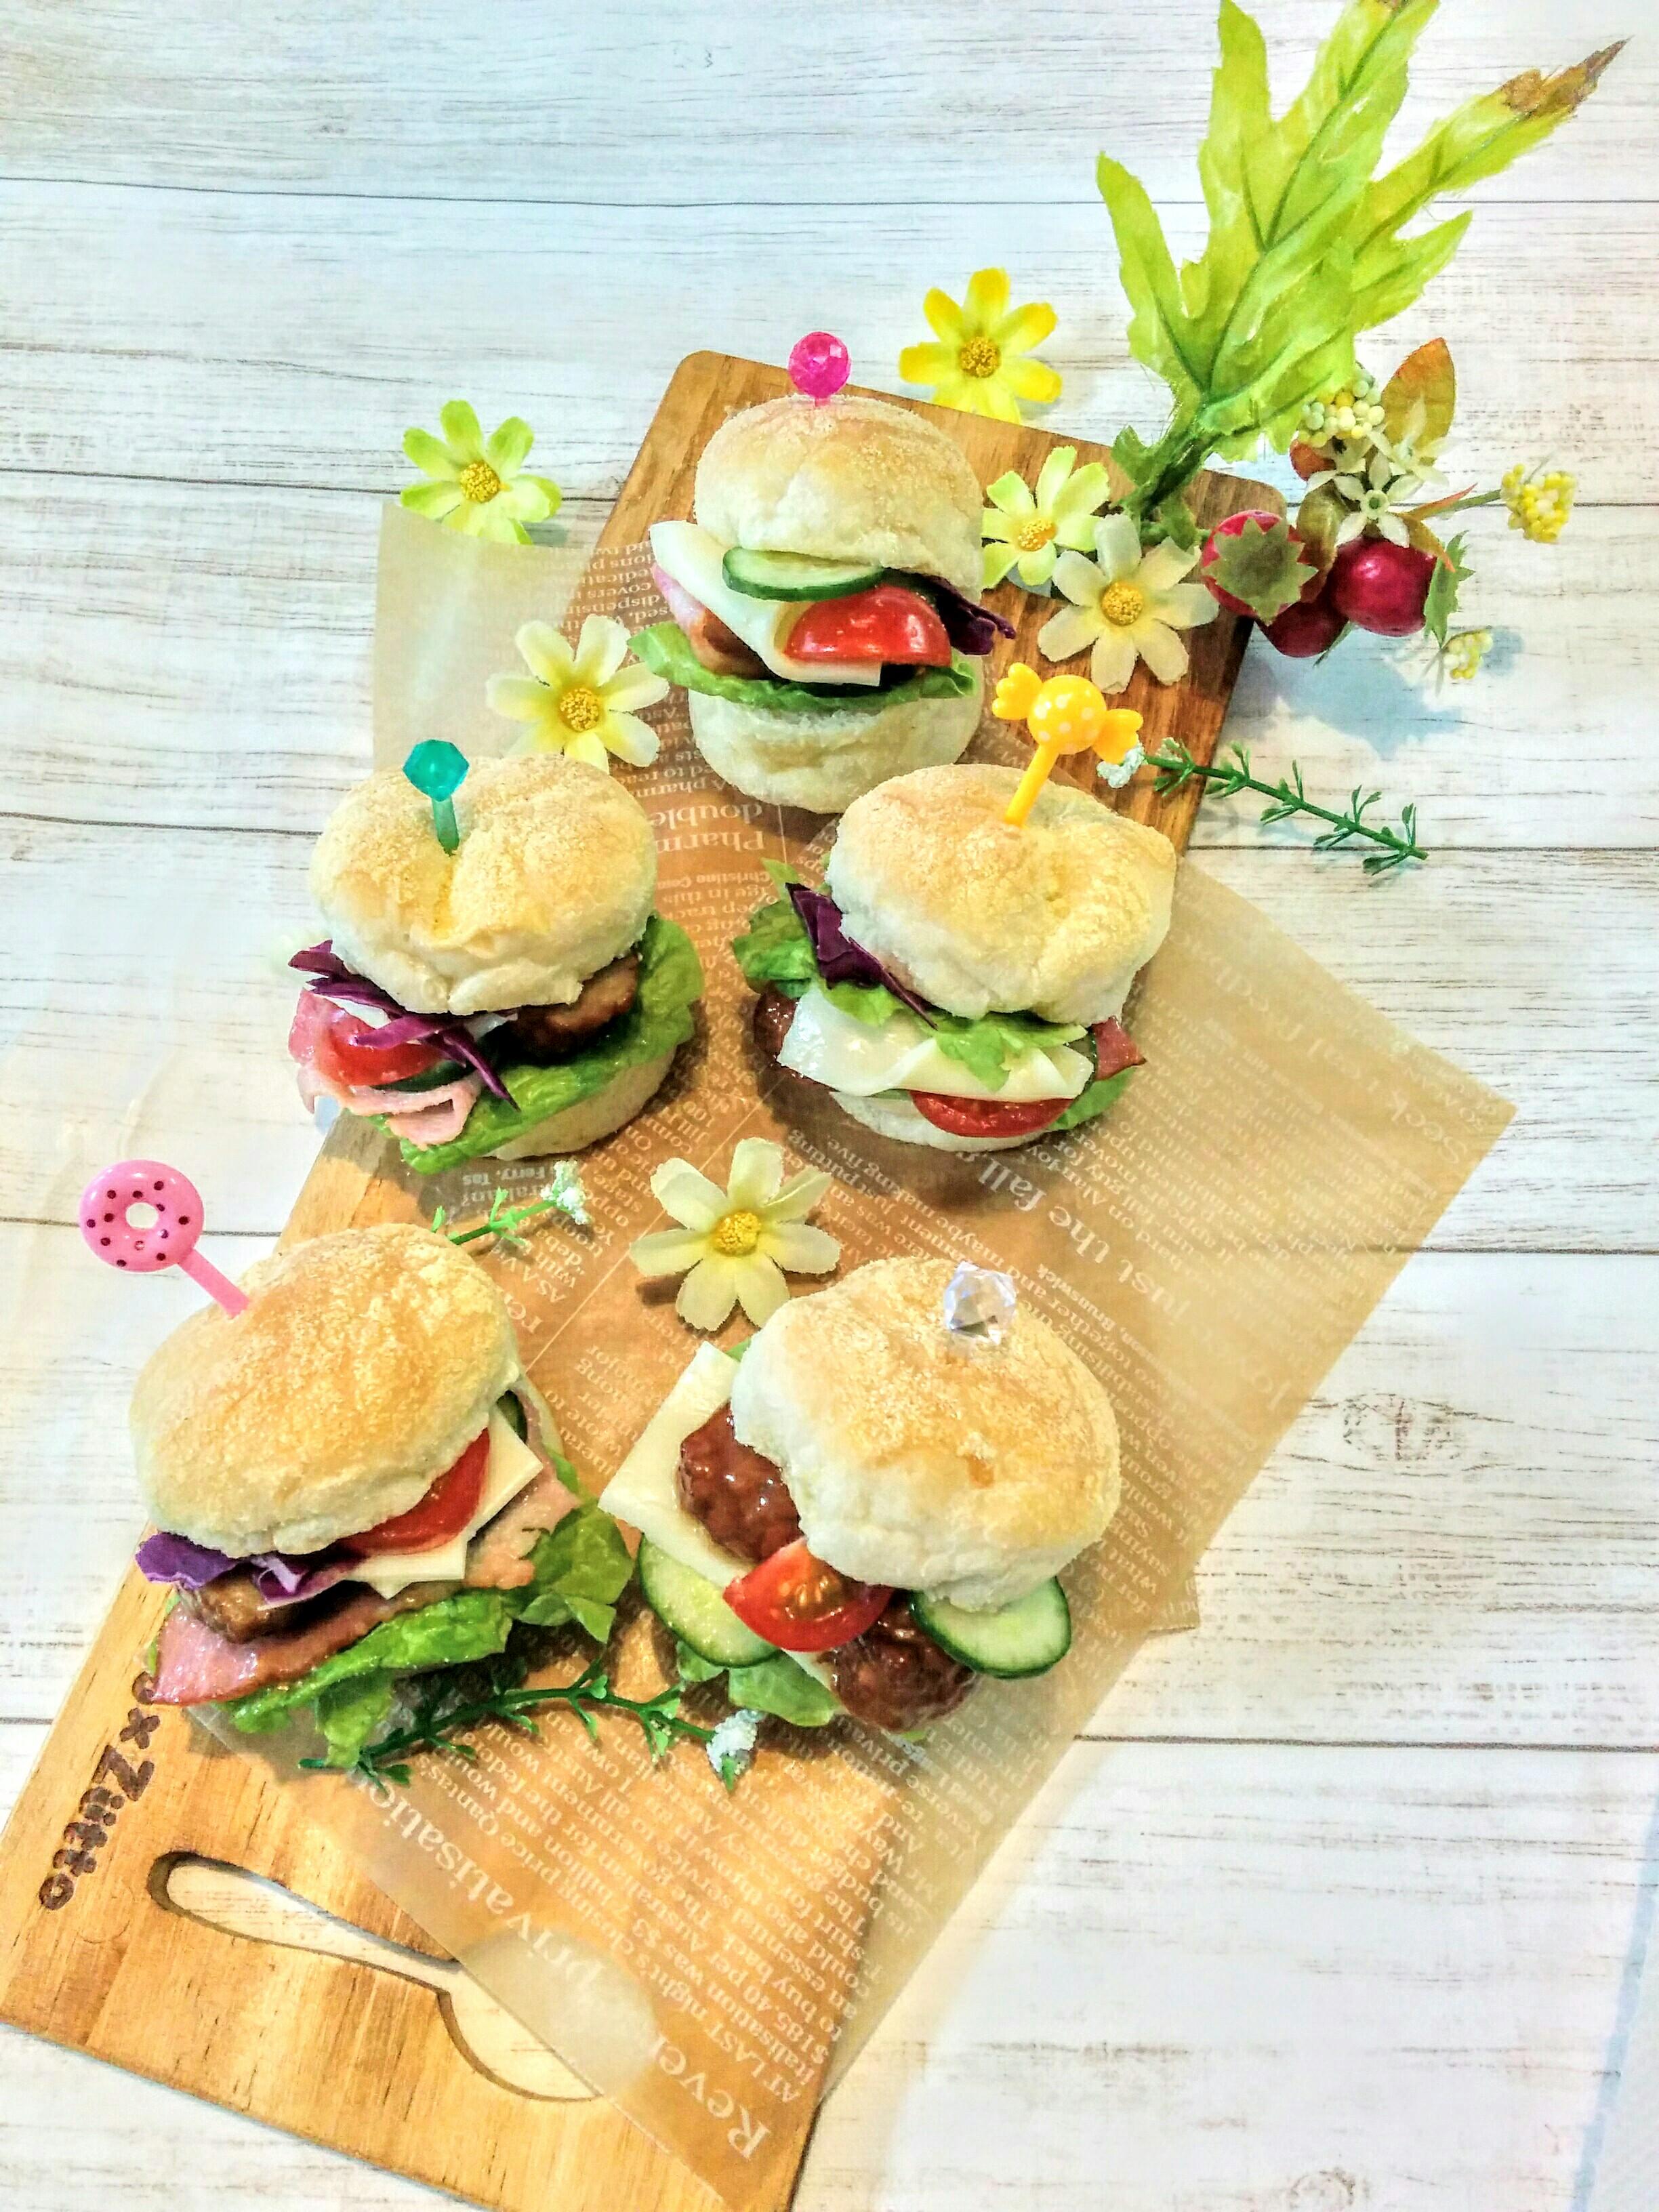 【小樽】娘の今日のお弁当・マフィンハンバーガー弁当グルメ案内です。